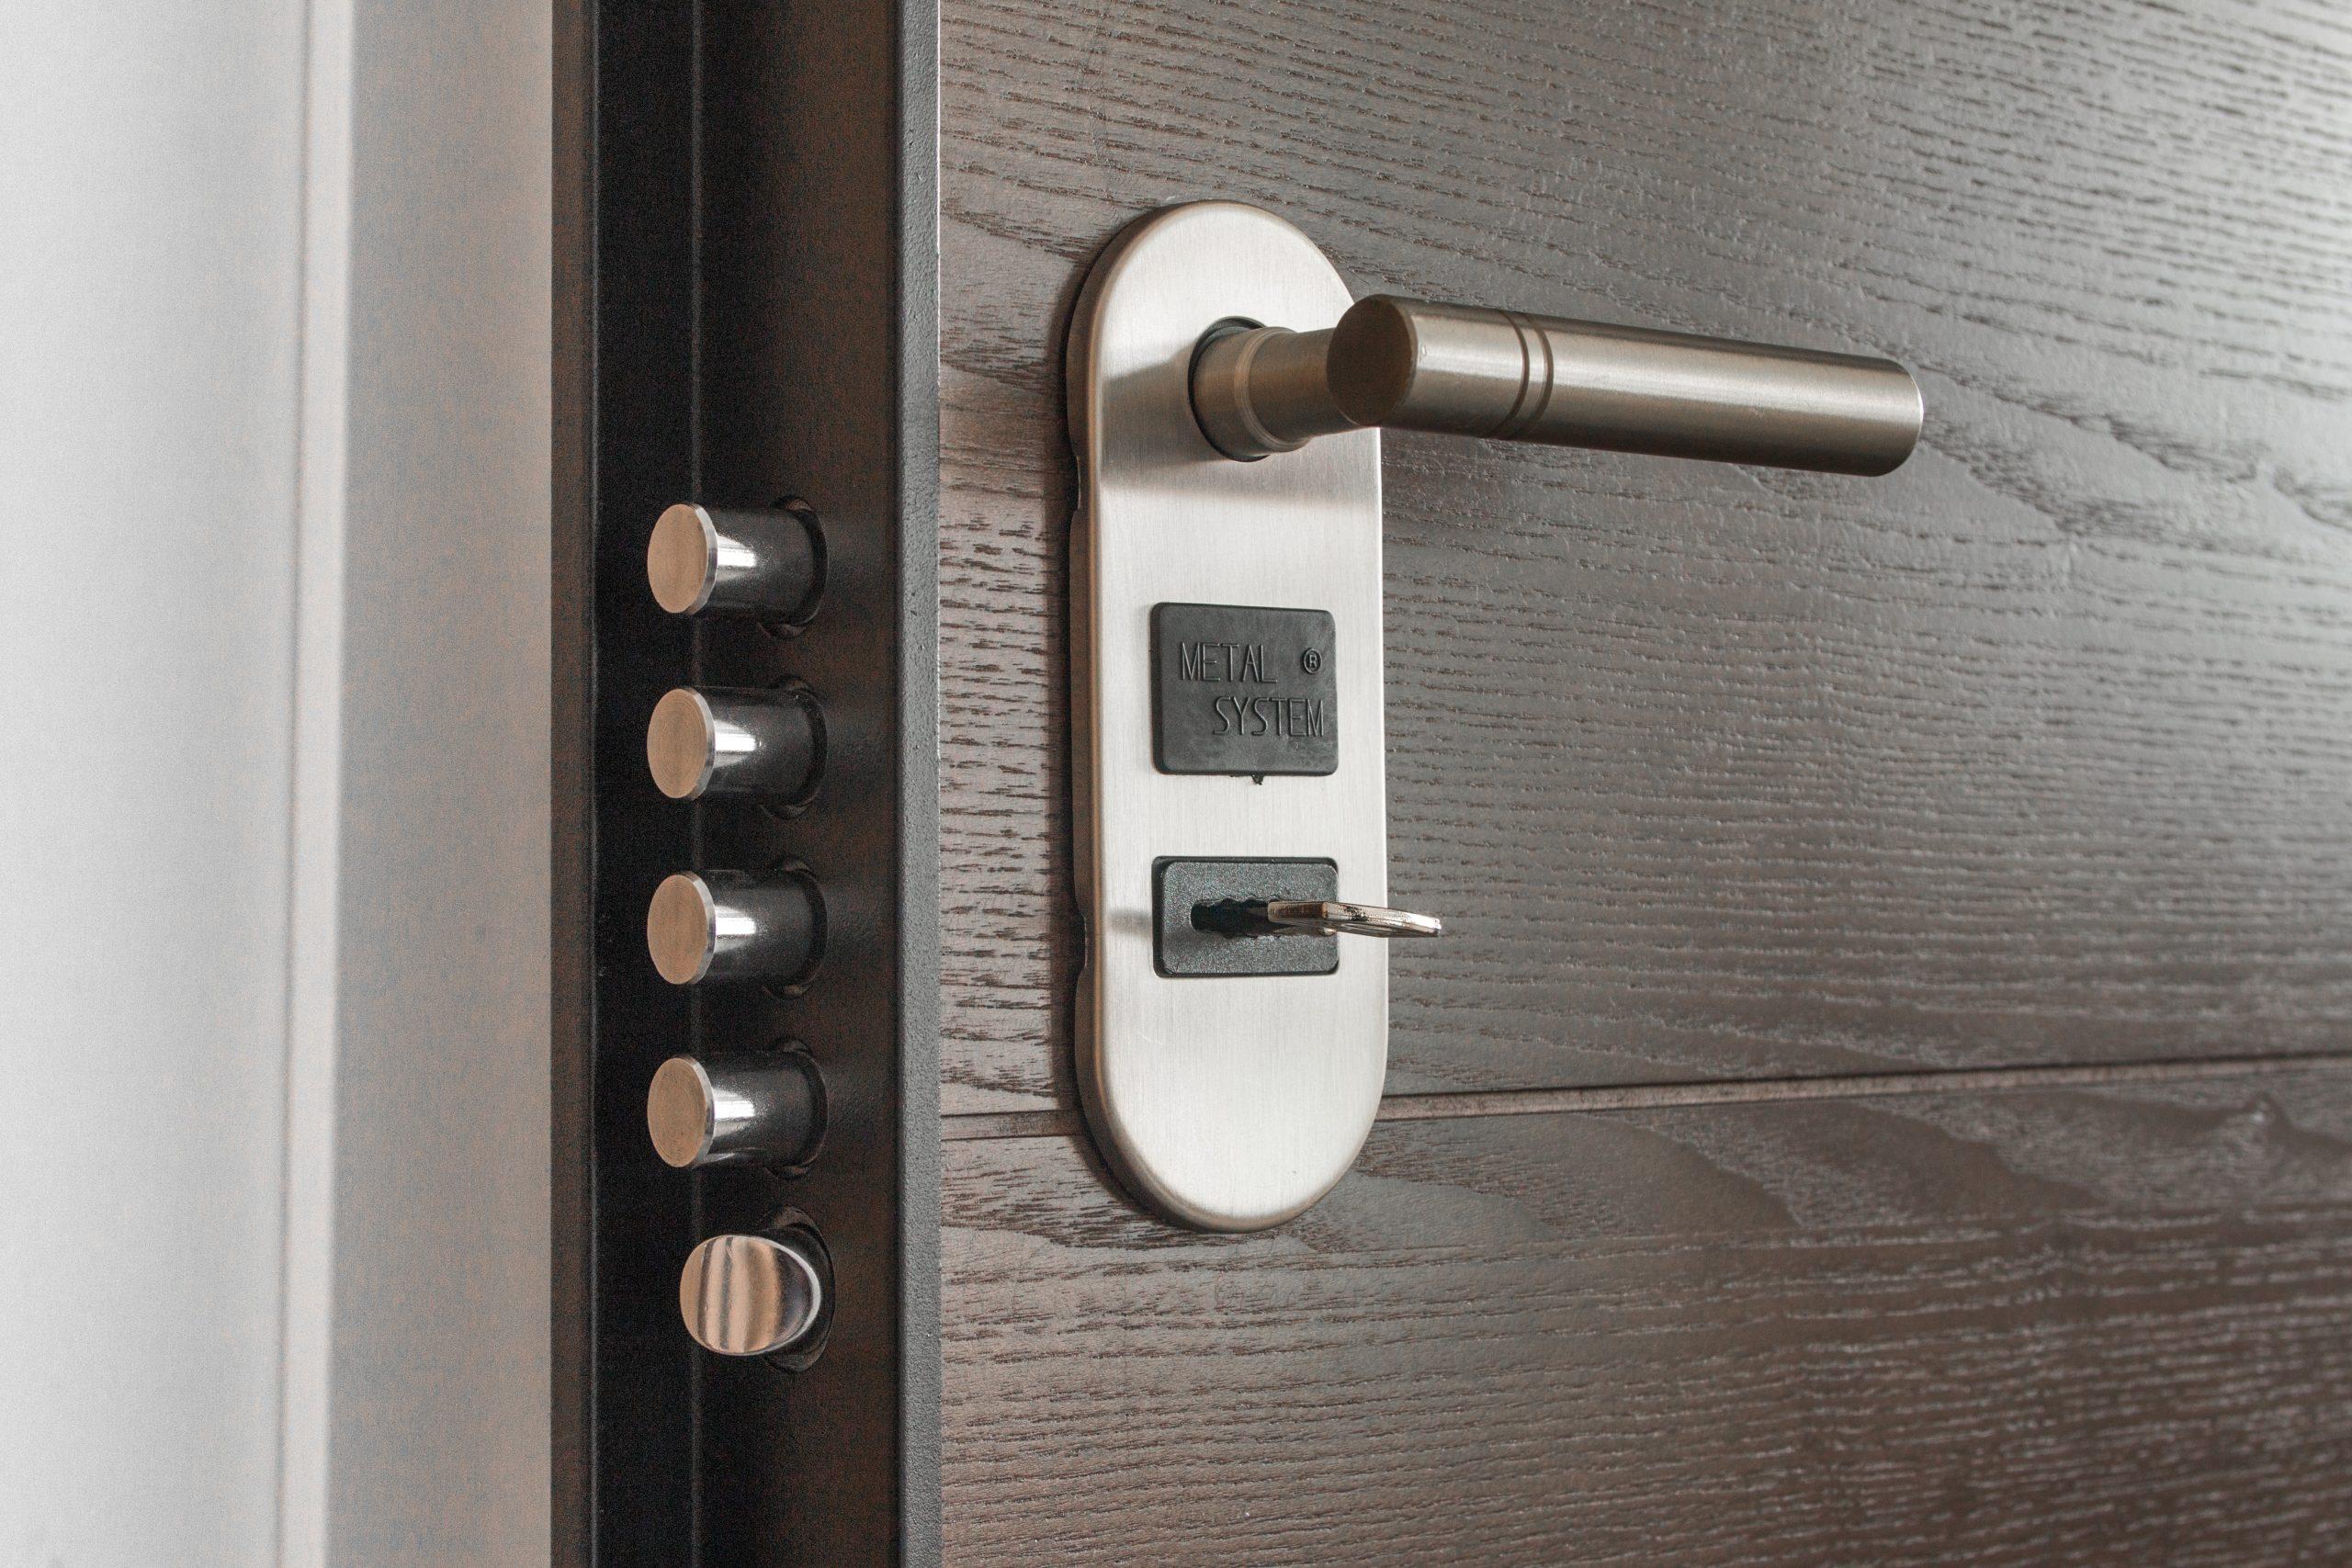 door-handle-key-keyhole-279810